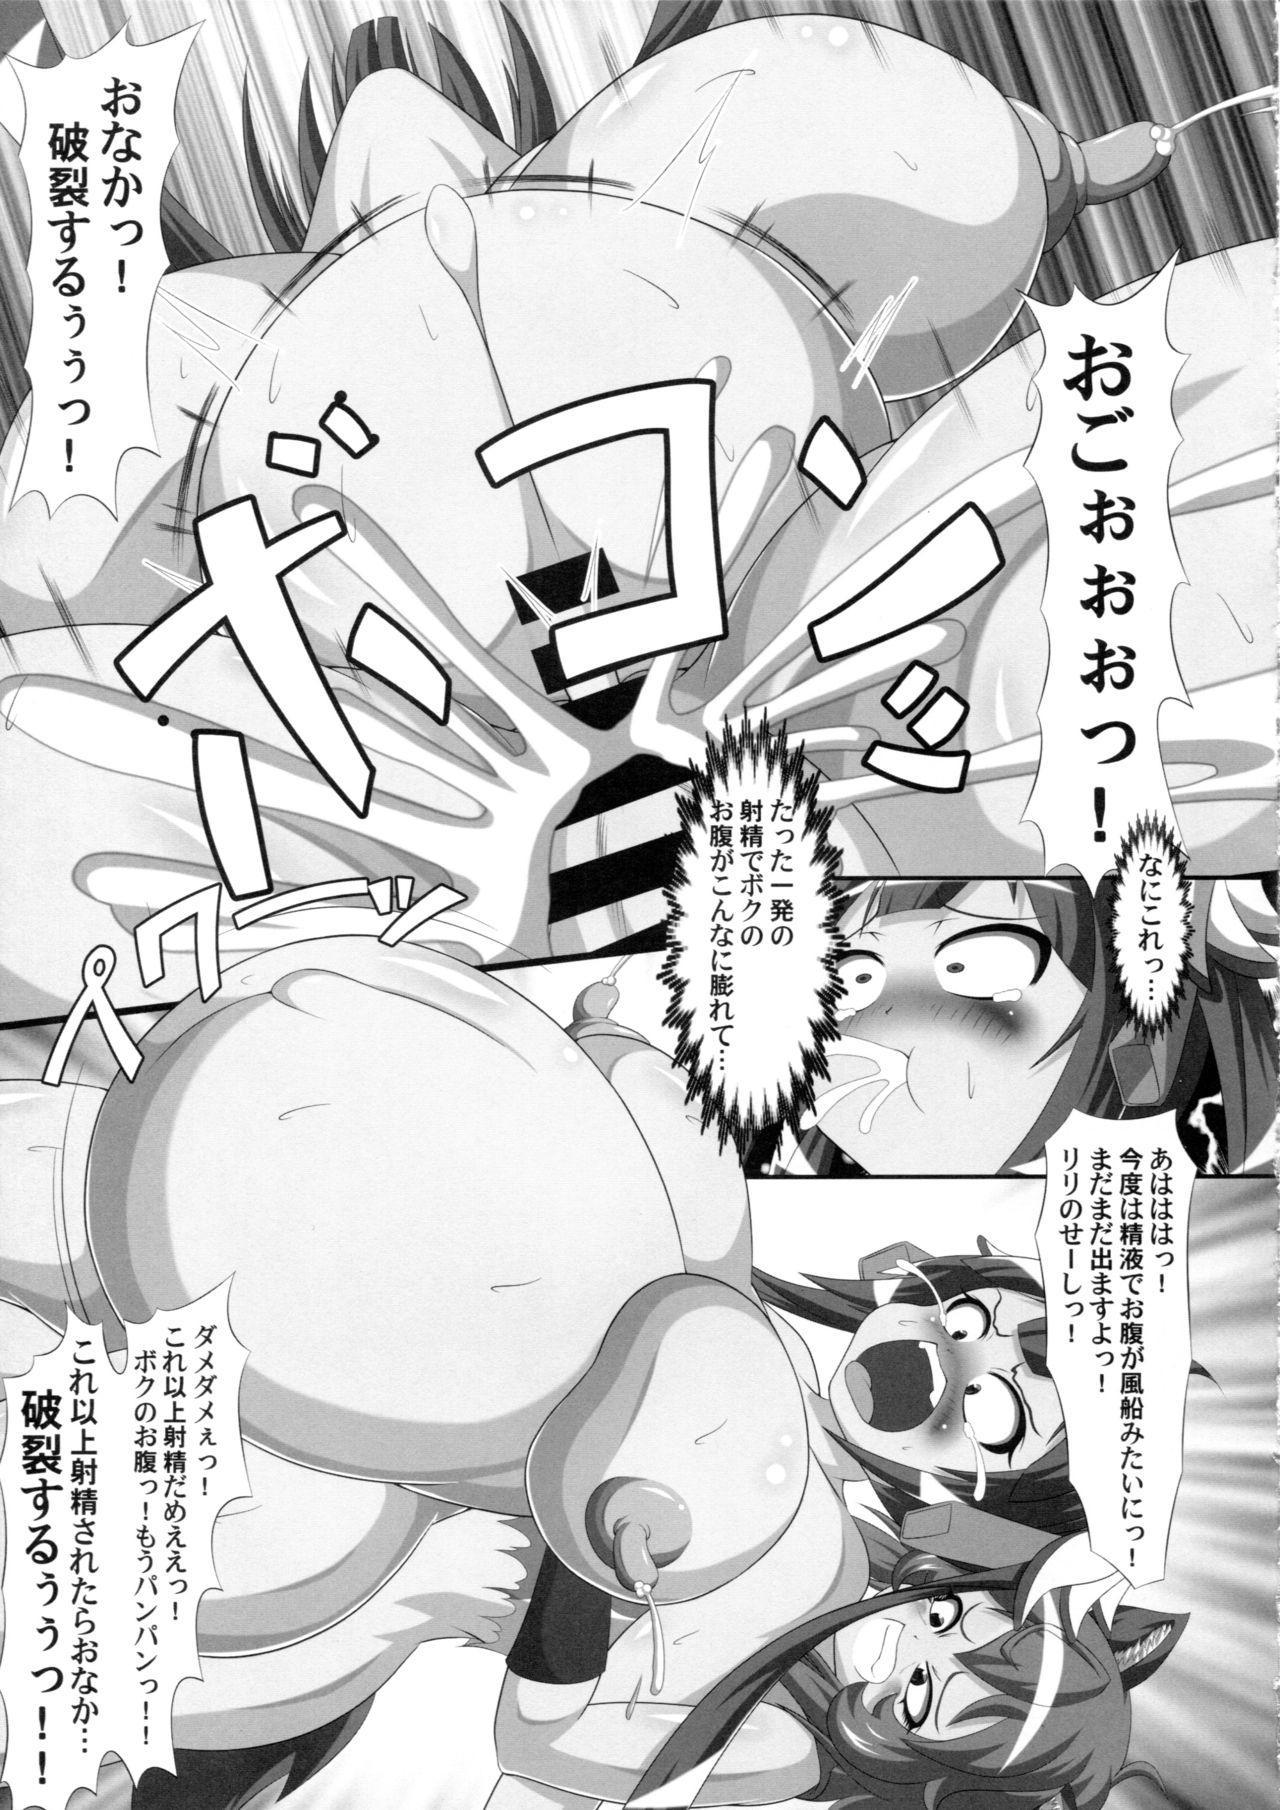 Hestia no Unko o Taberu no wa Machigatte Iru Darou ka 17